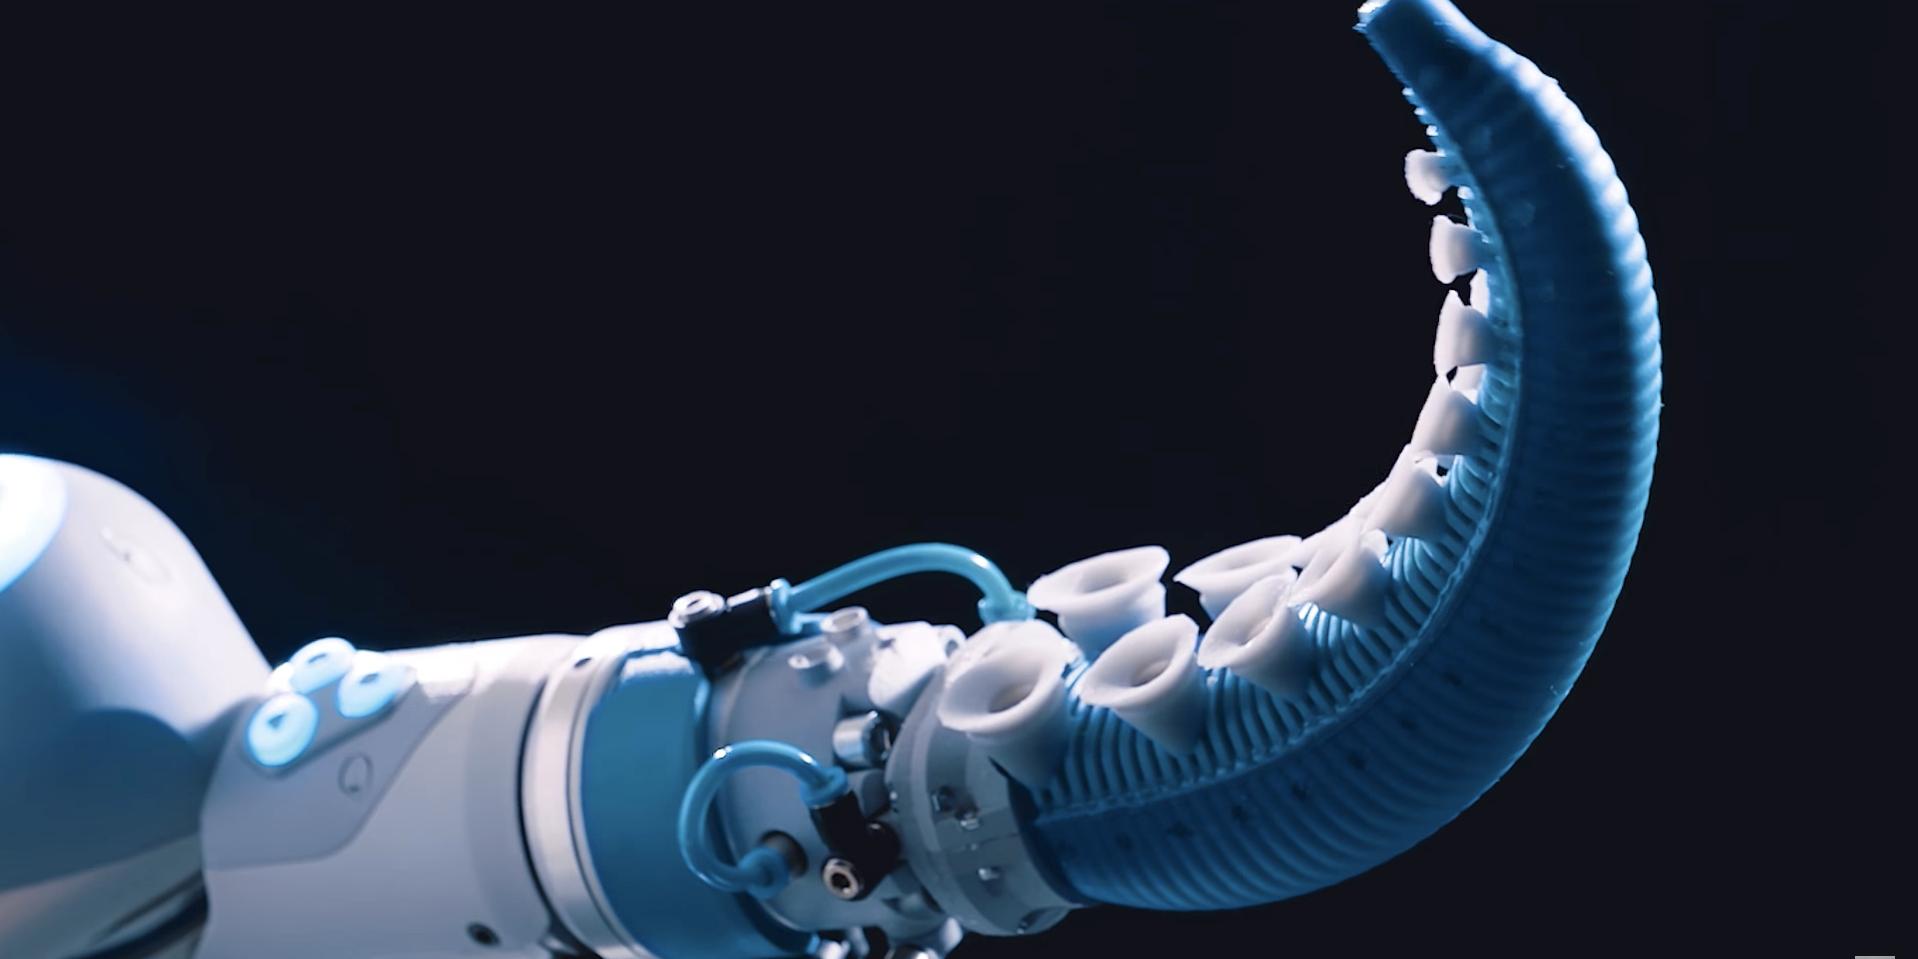 Advantages of robotics 4 - 2 part 1